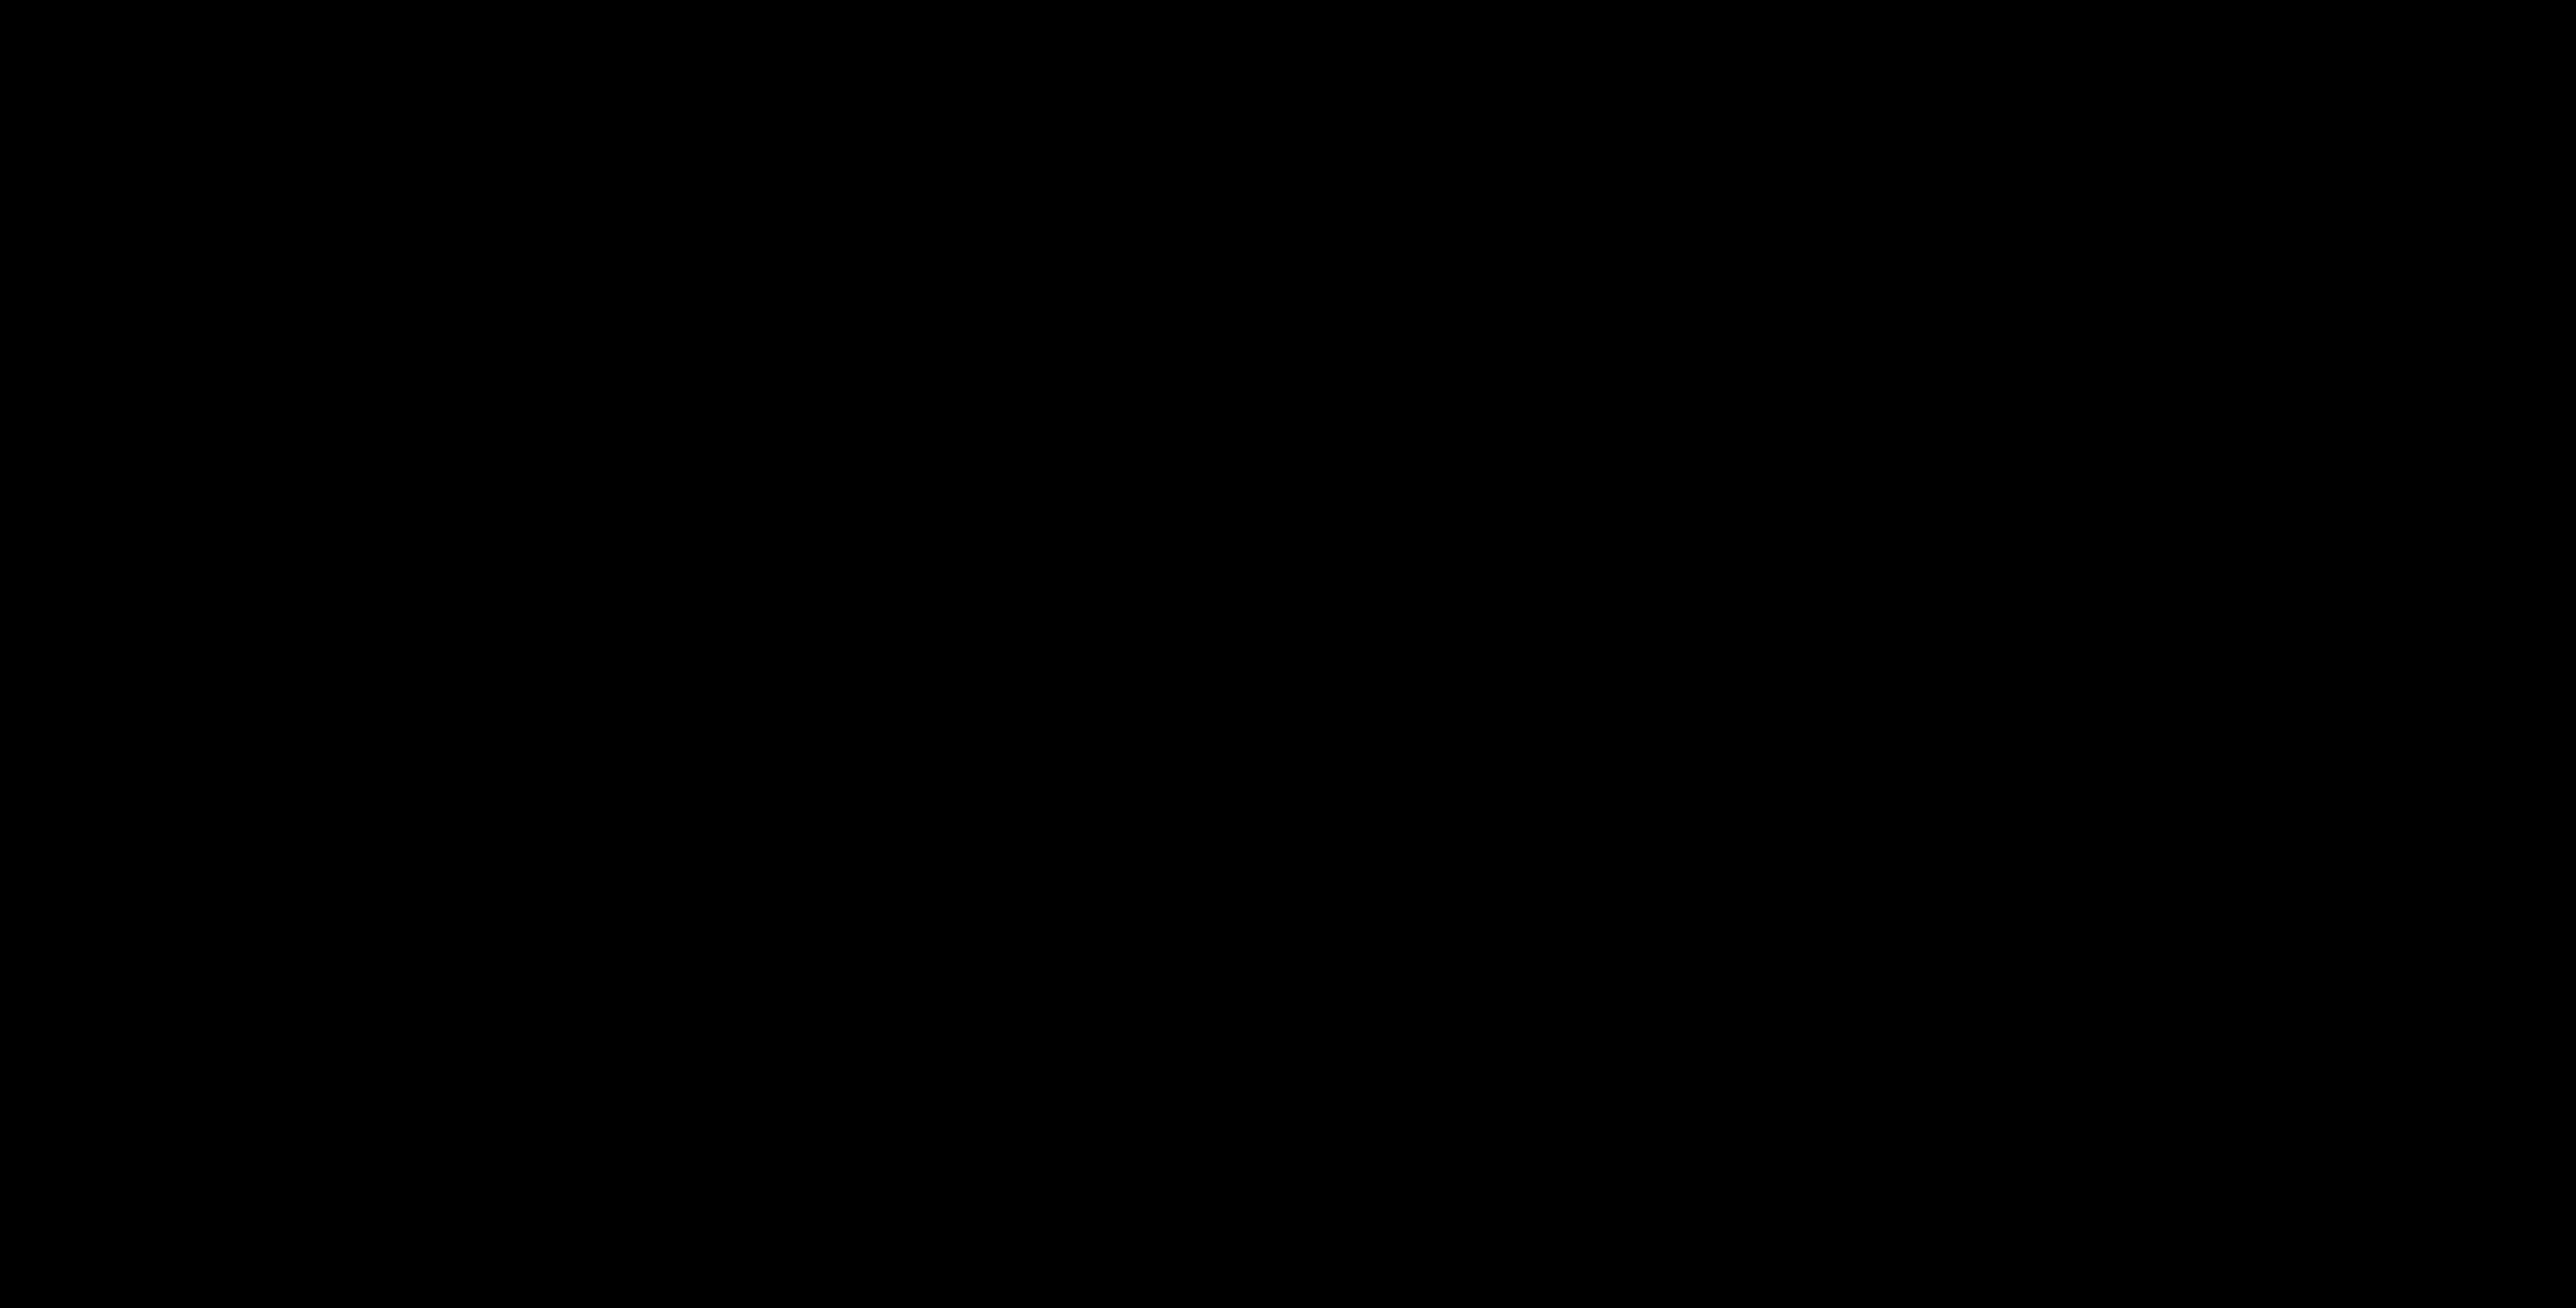 V13 S.A.C.